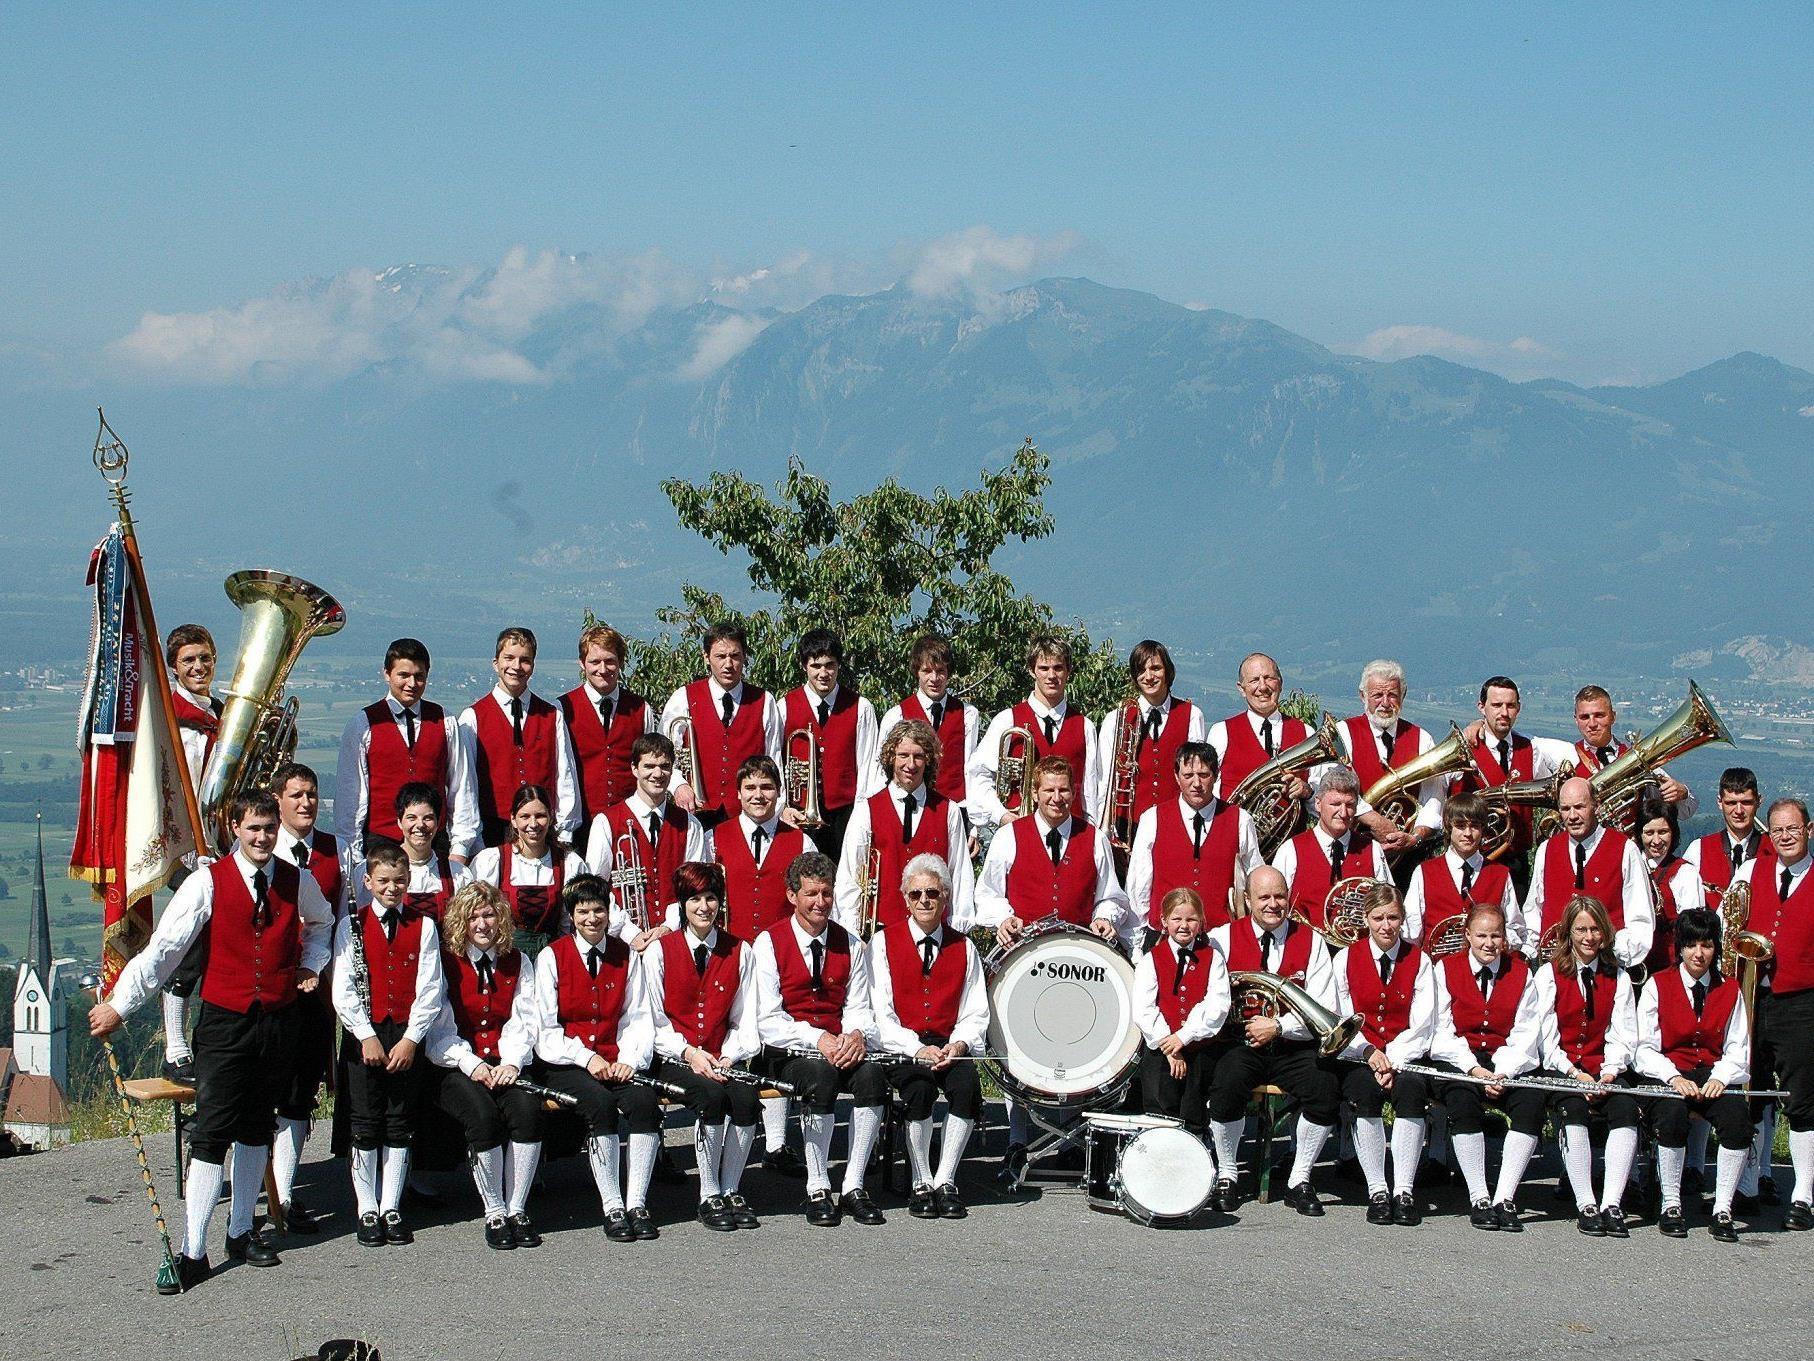 Die Bürgermusik Fraxern lädt am 30. April zum Frühjahrskonzert